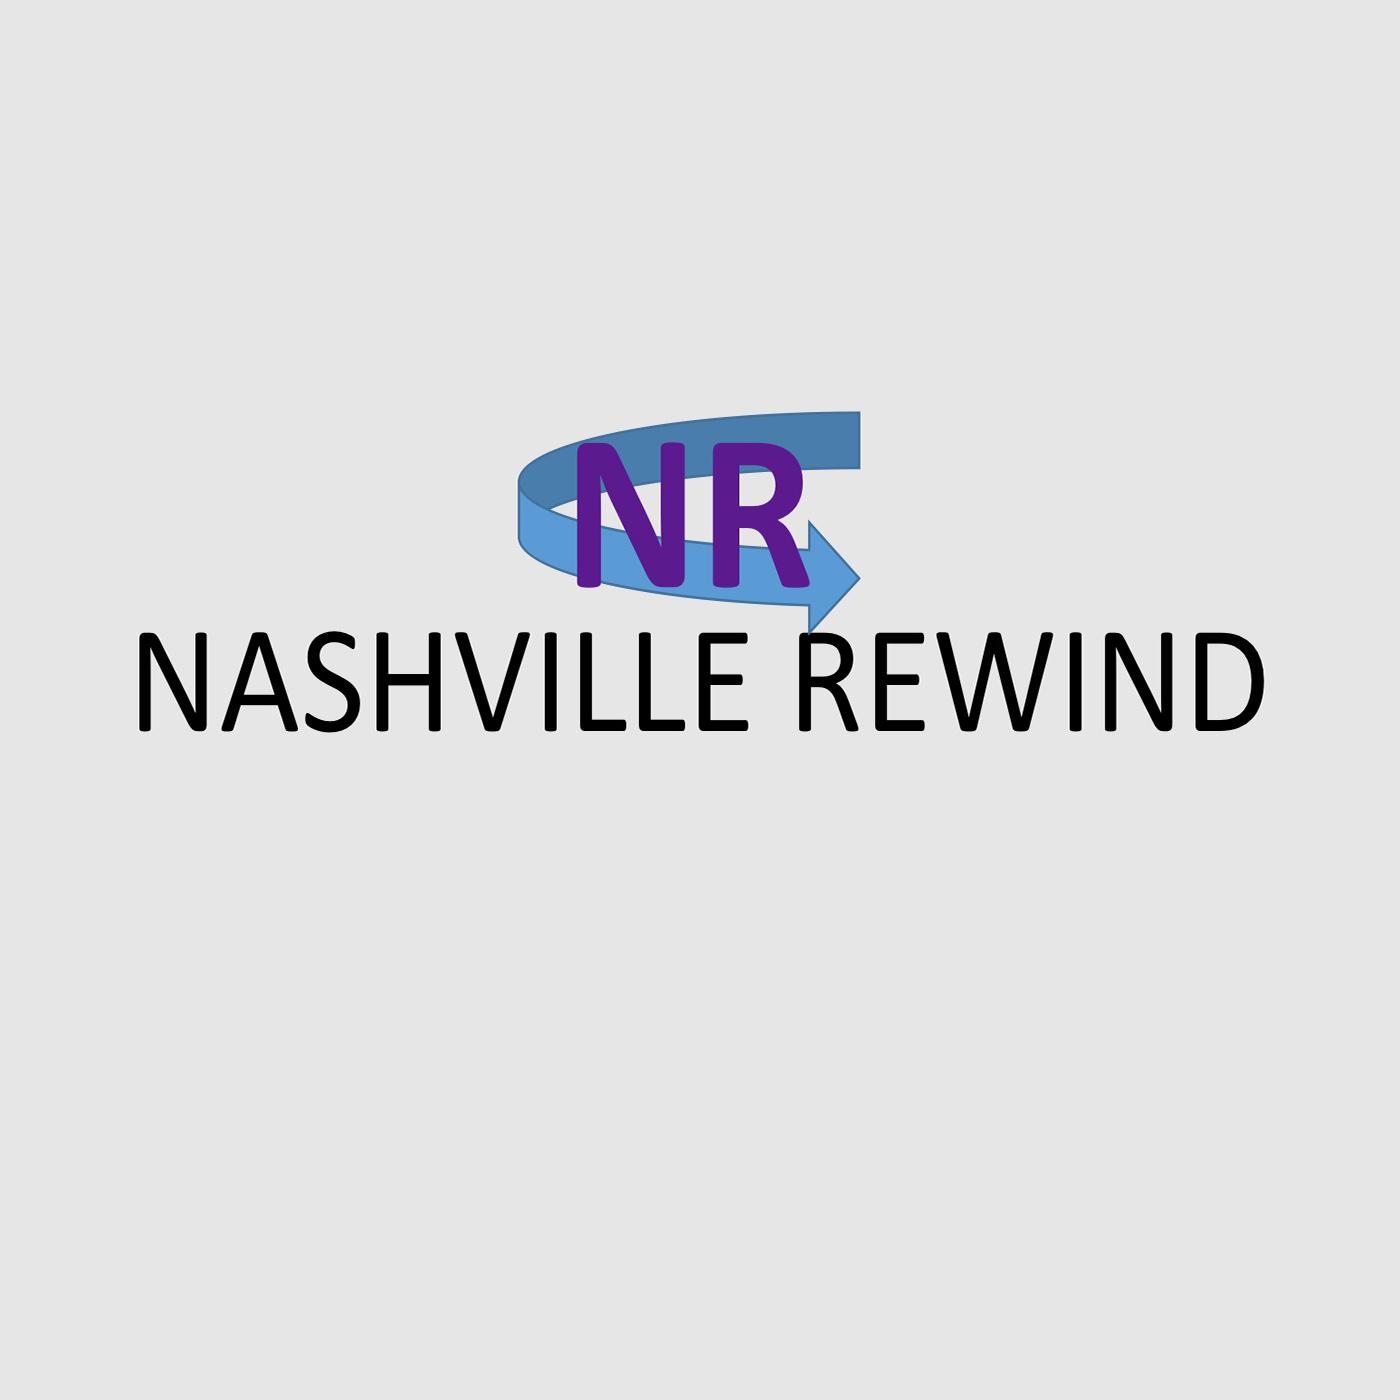 Nashville Rewind logo